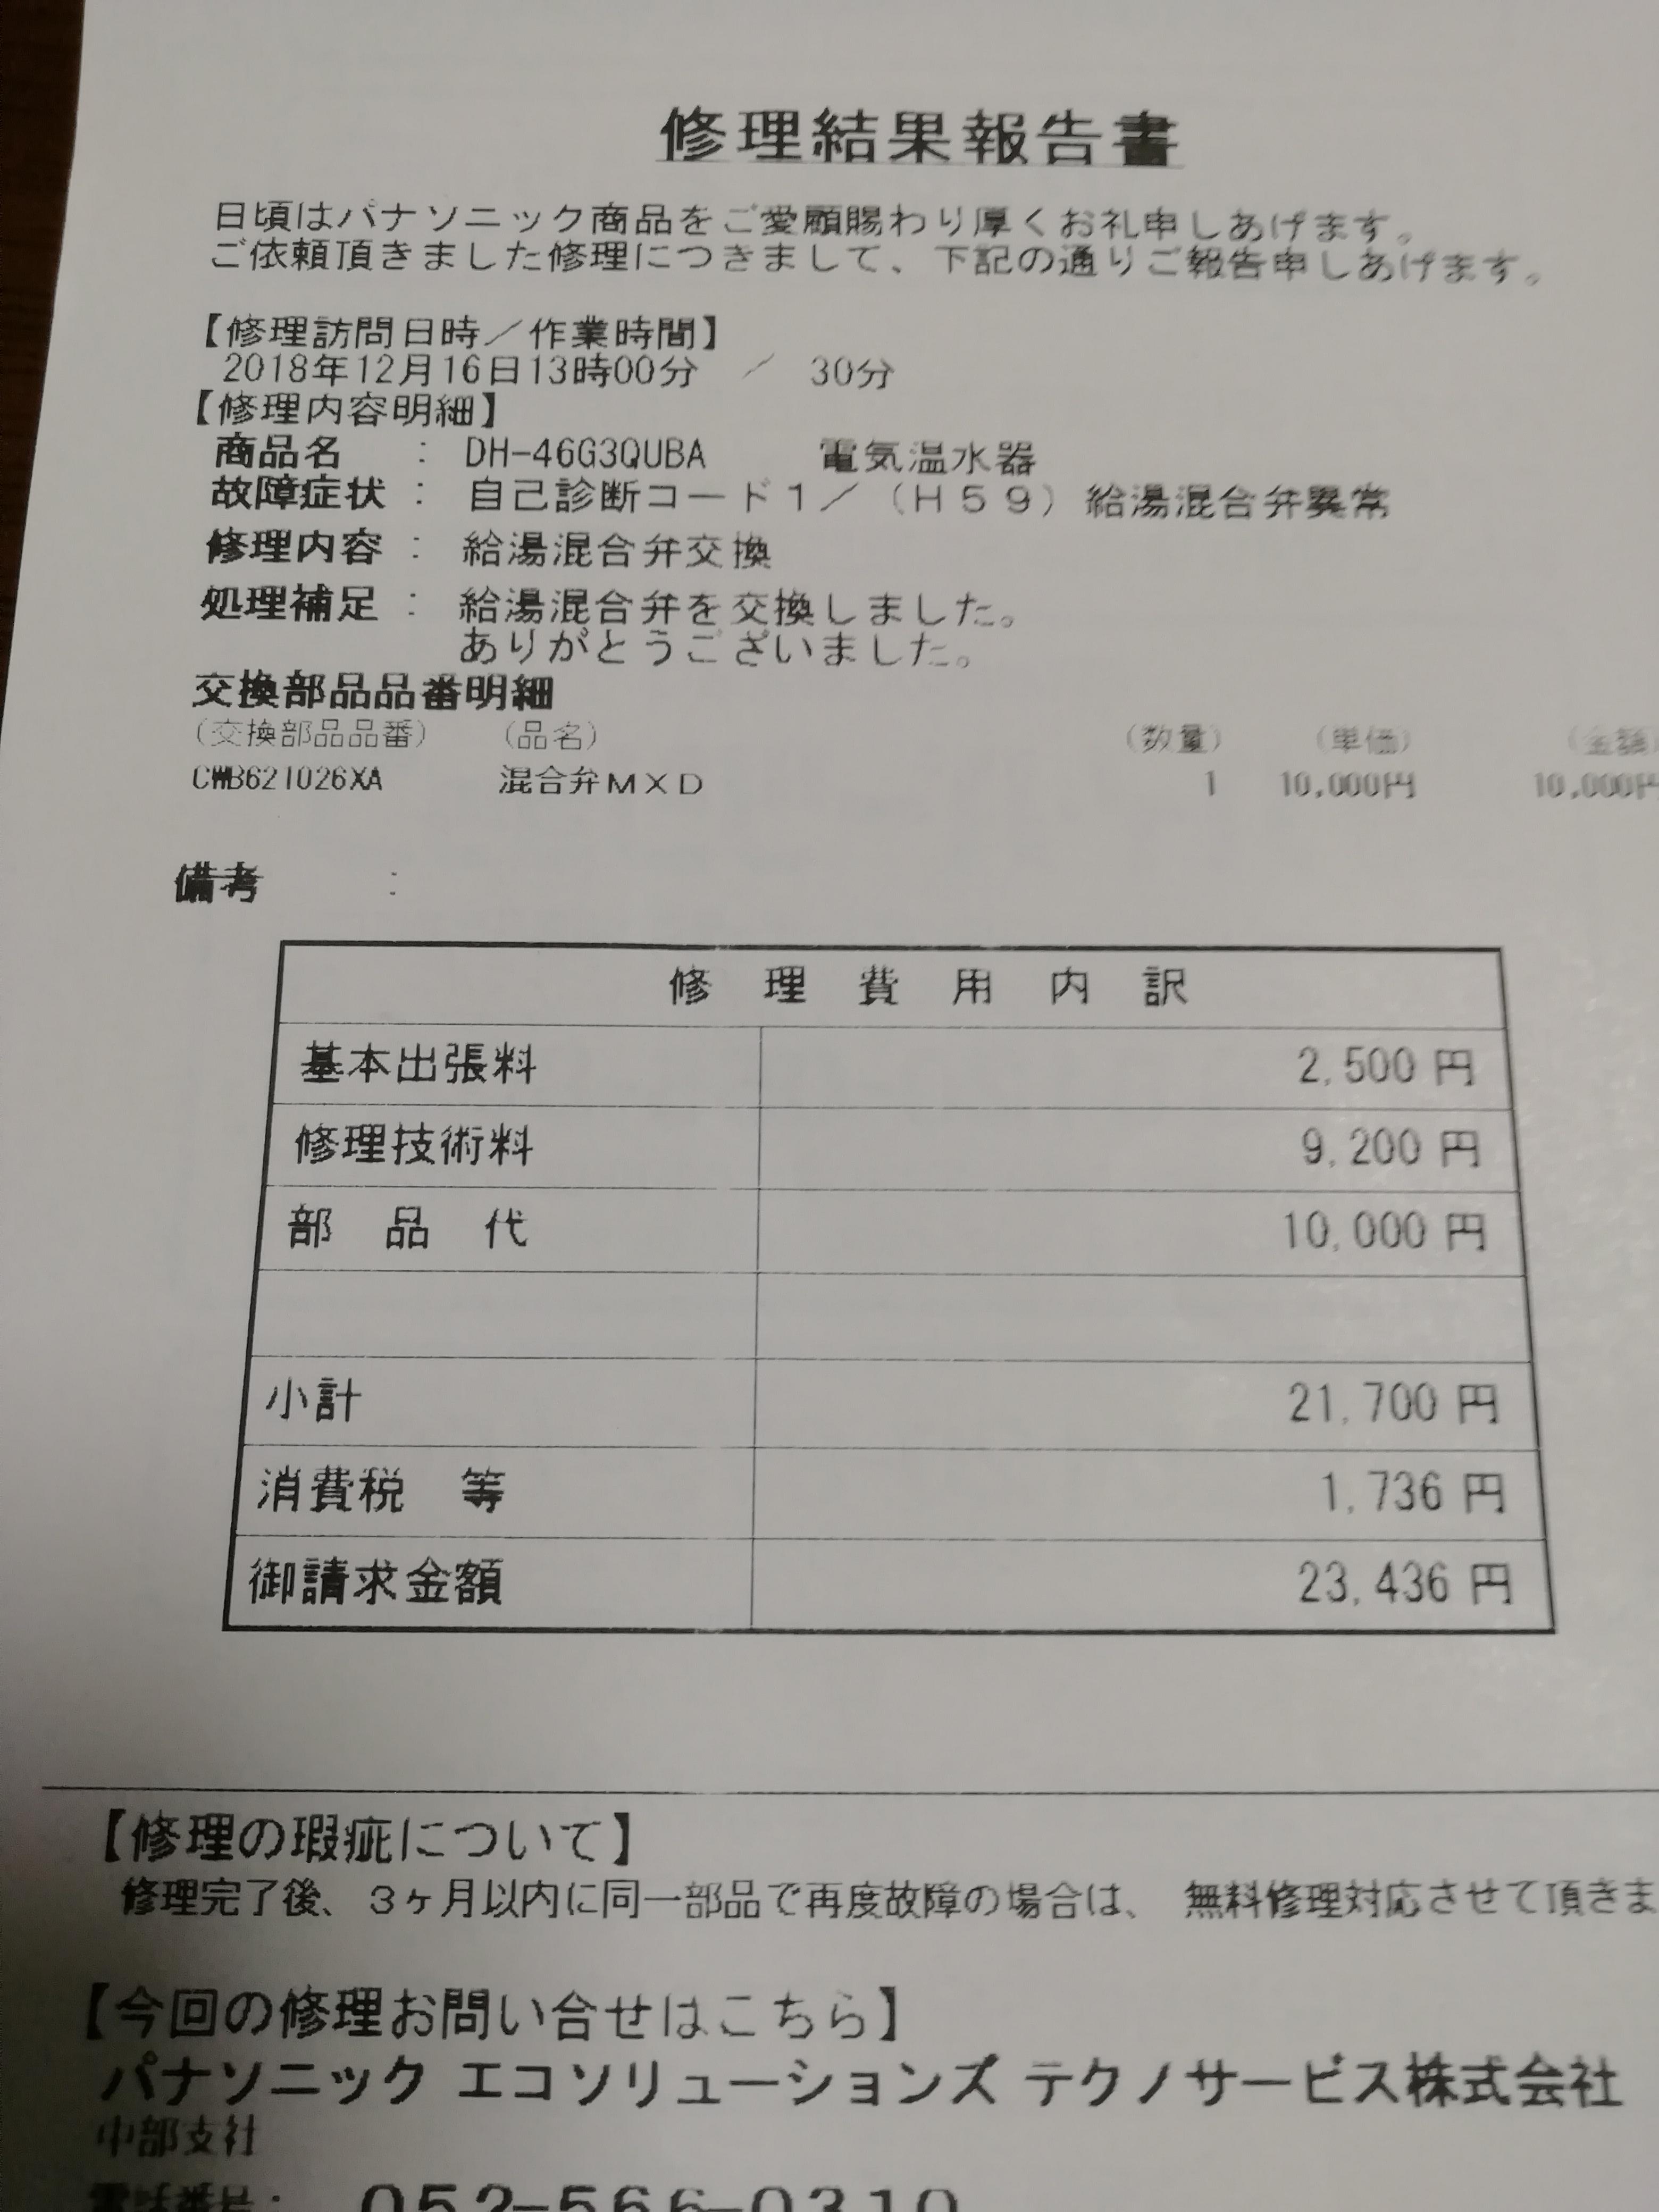 電気温水器 修理 料金